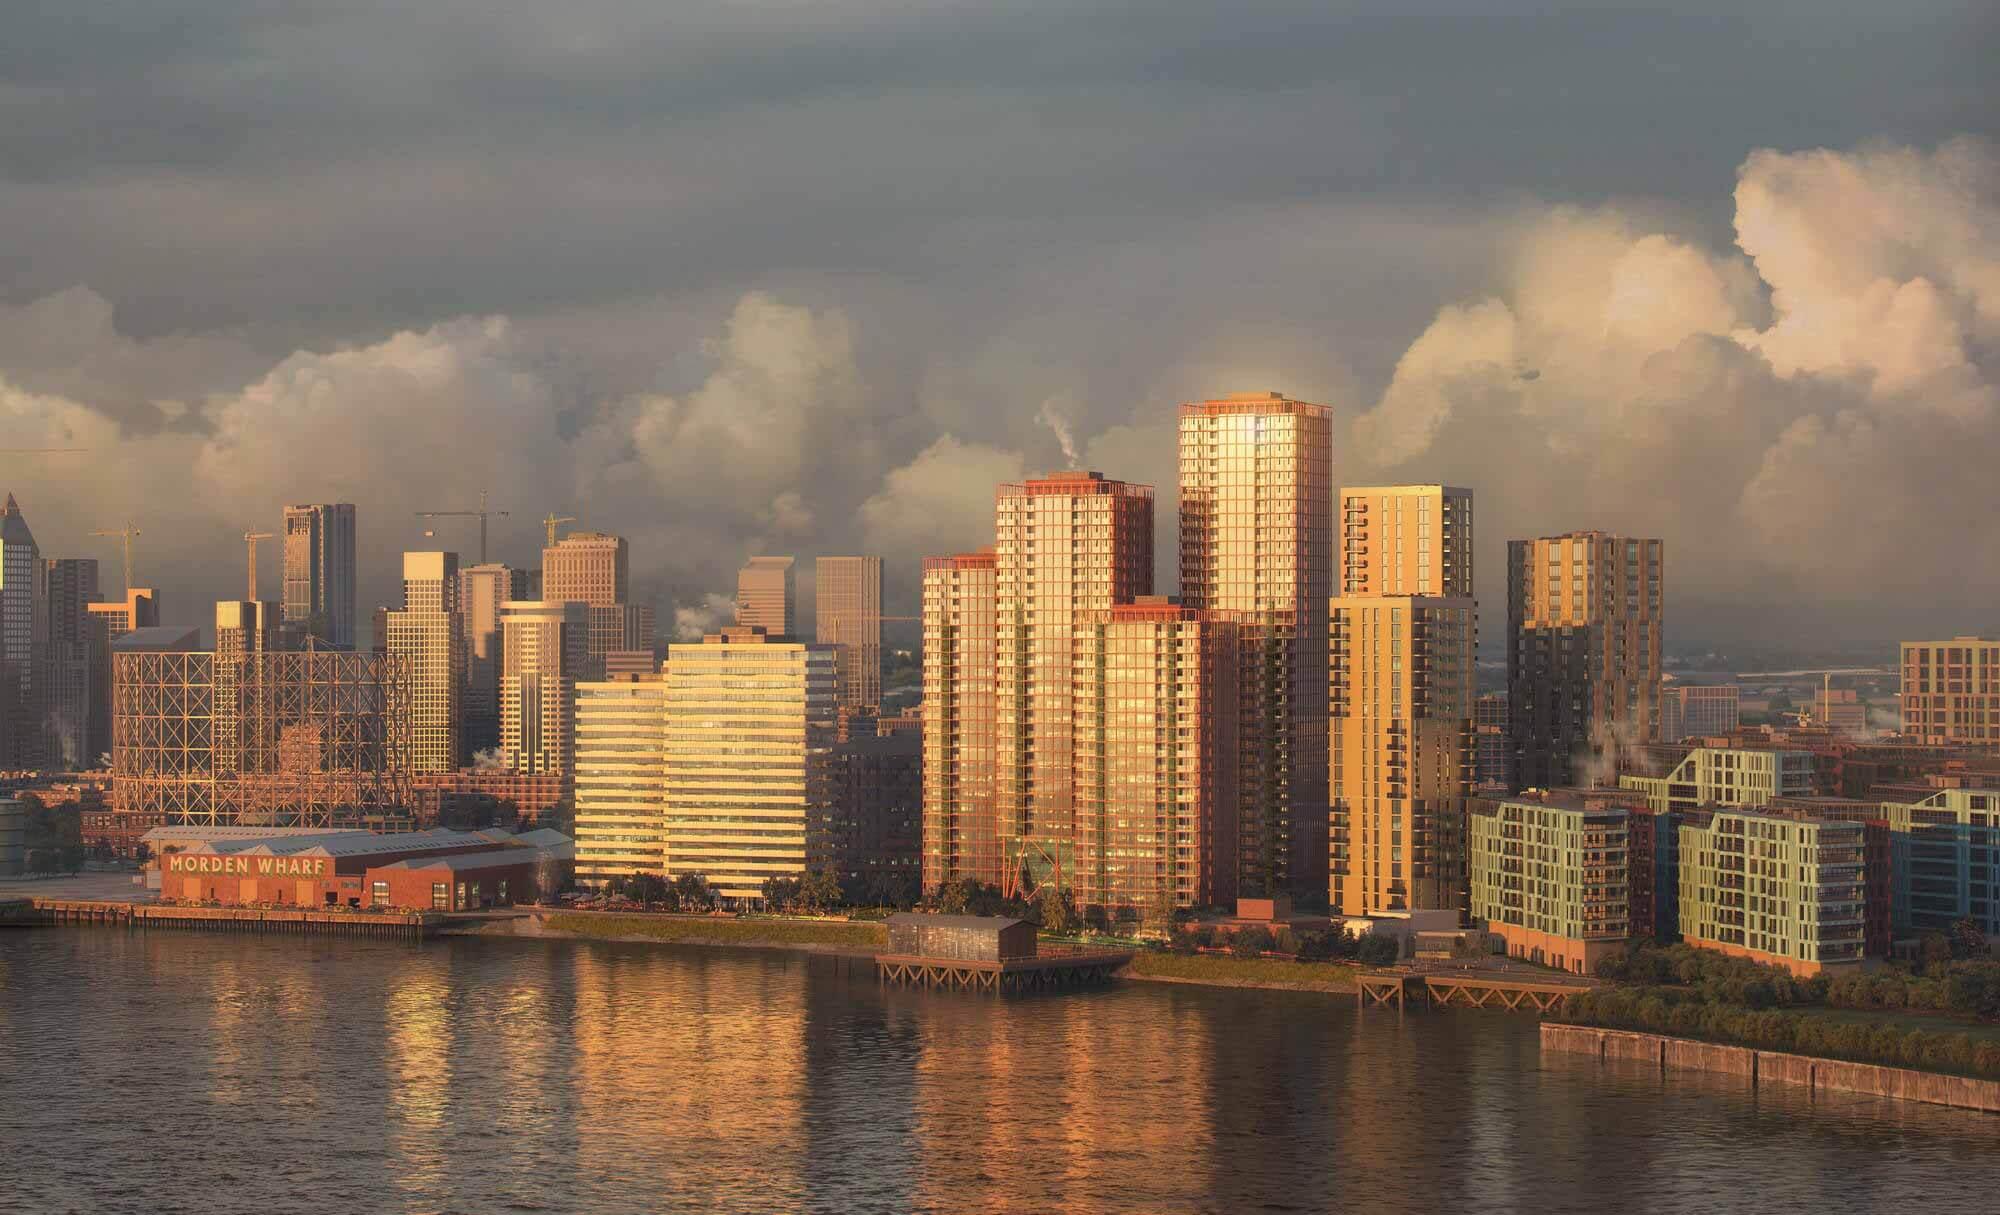 Получено согласие на разработку генерального плана OMA / Рейнира де Граафа для Morden Wharf в Лондоне